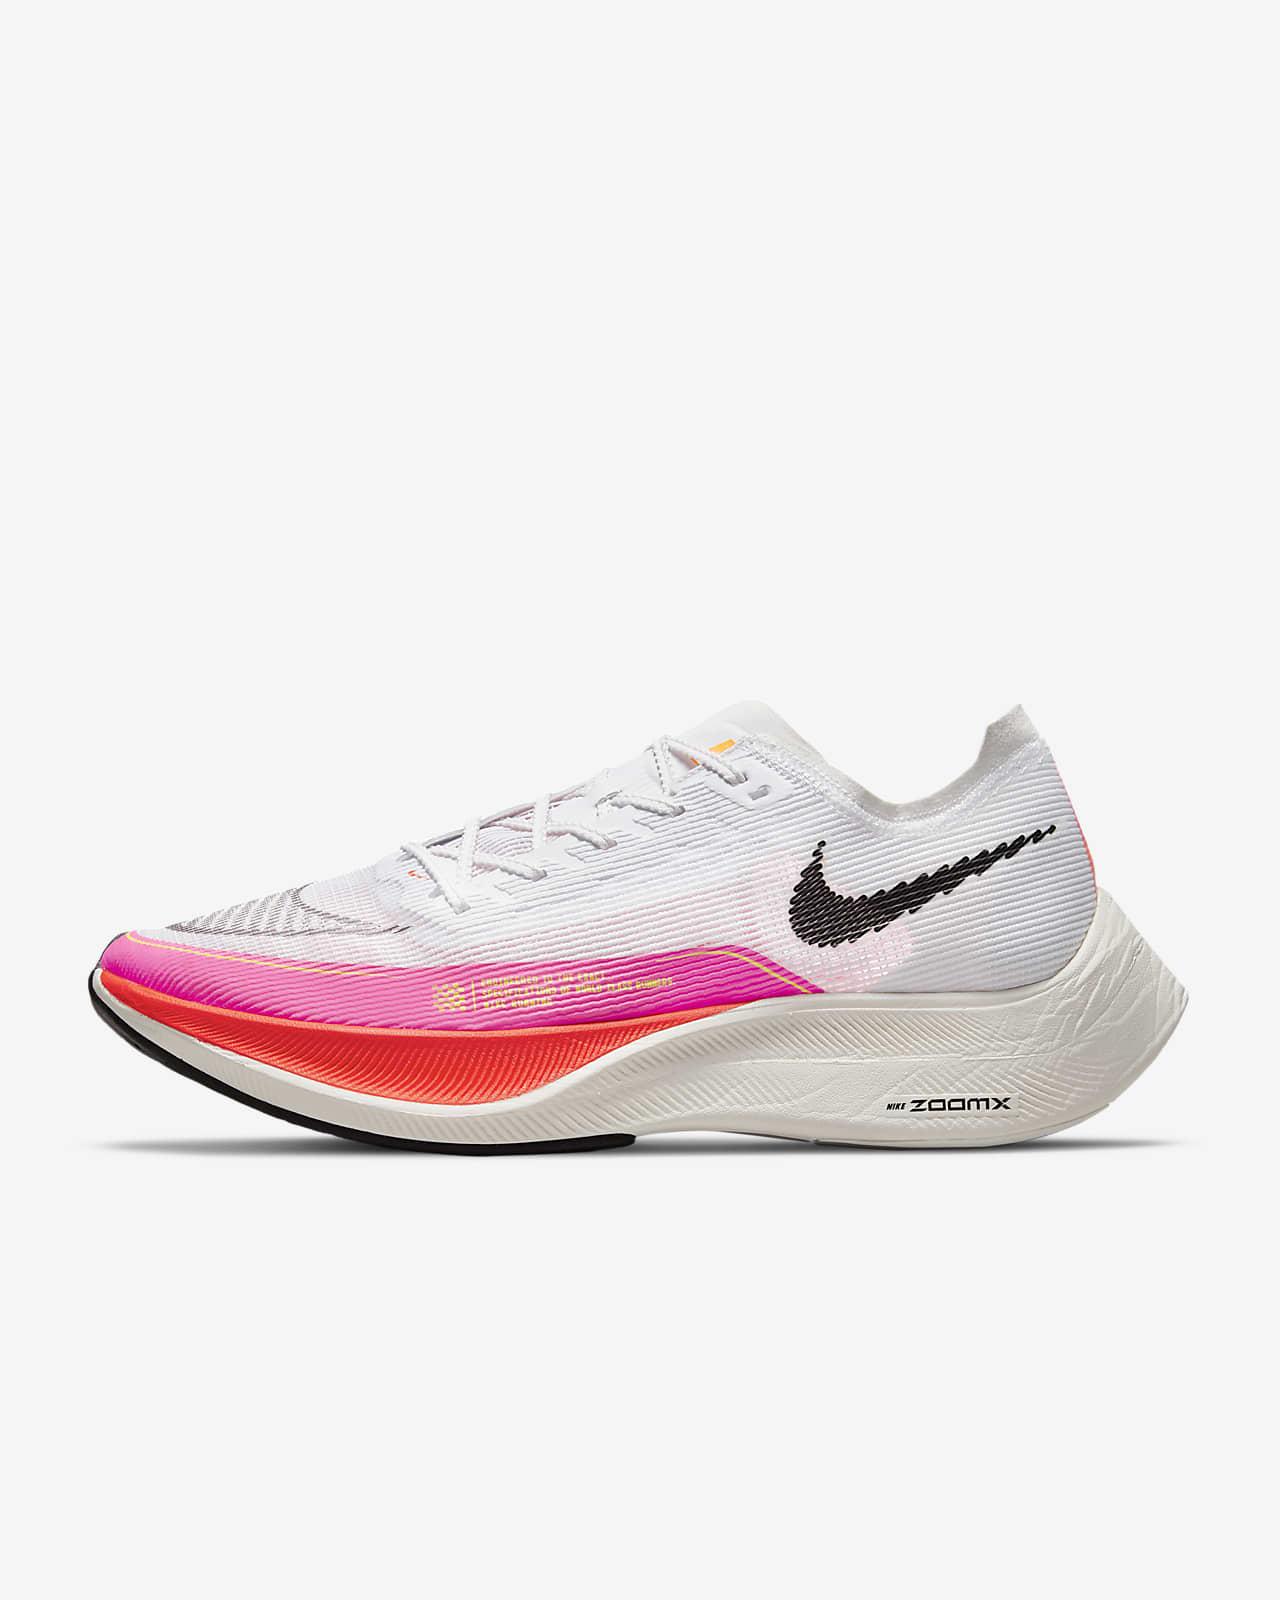 รองเท้าวิ่งโร้ดเรซซิ่งผู้ชาย Nike ZoomX Vaporfly Next% 2